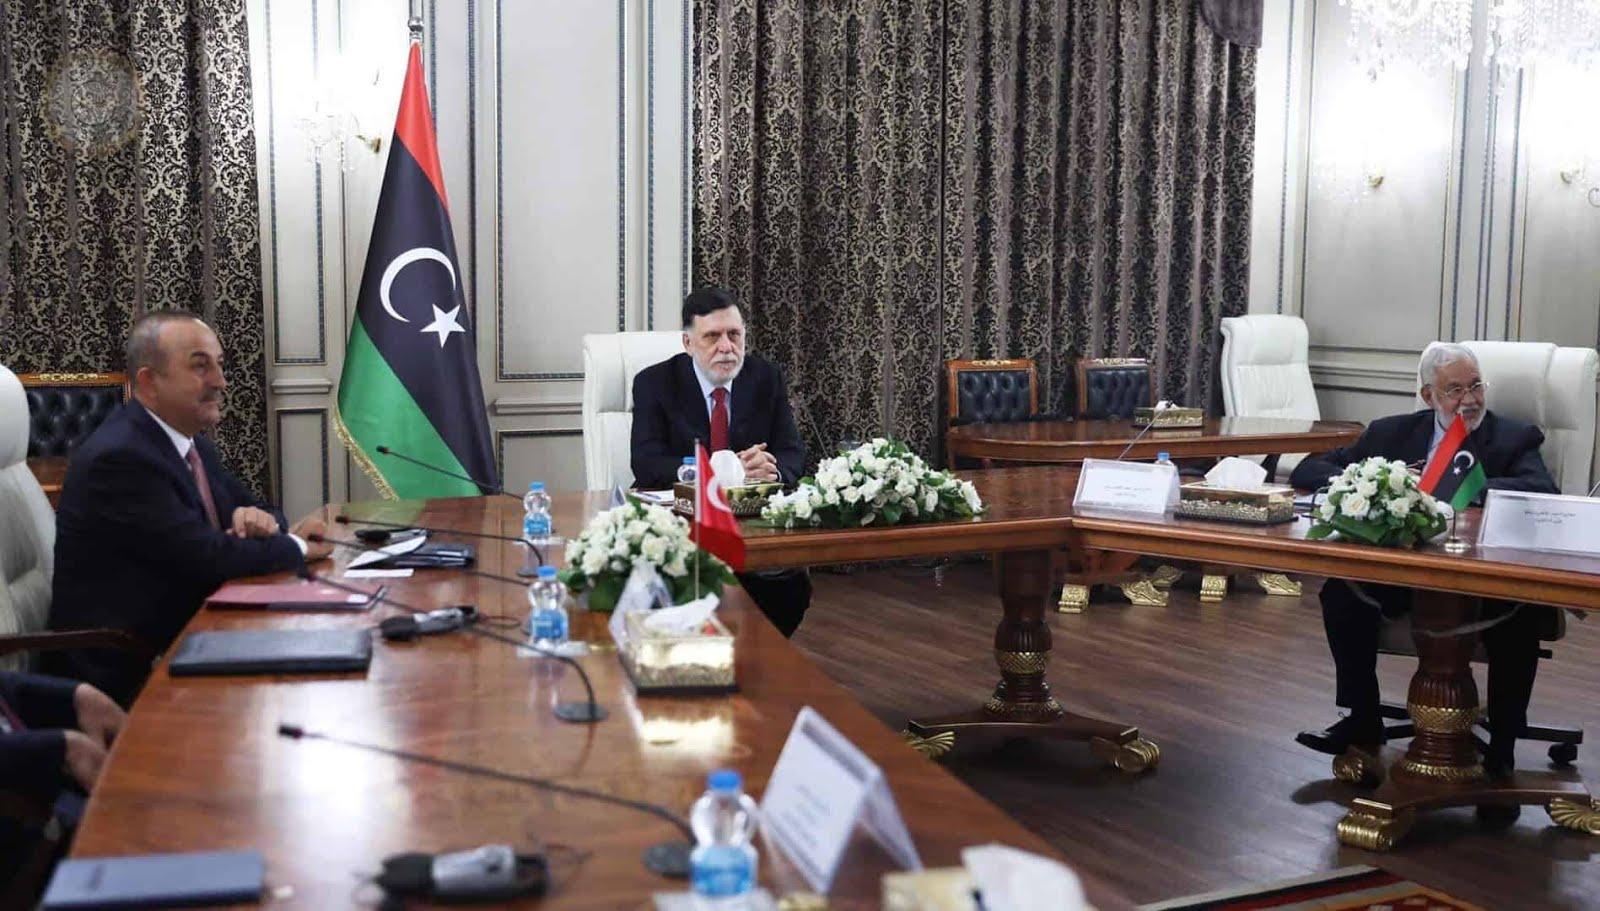 السراج-والوفد-التركي-يبحثان-التسوية-الليبية-والتعاون-العسكري-والاقتصادي